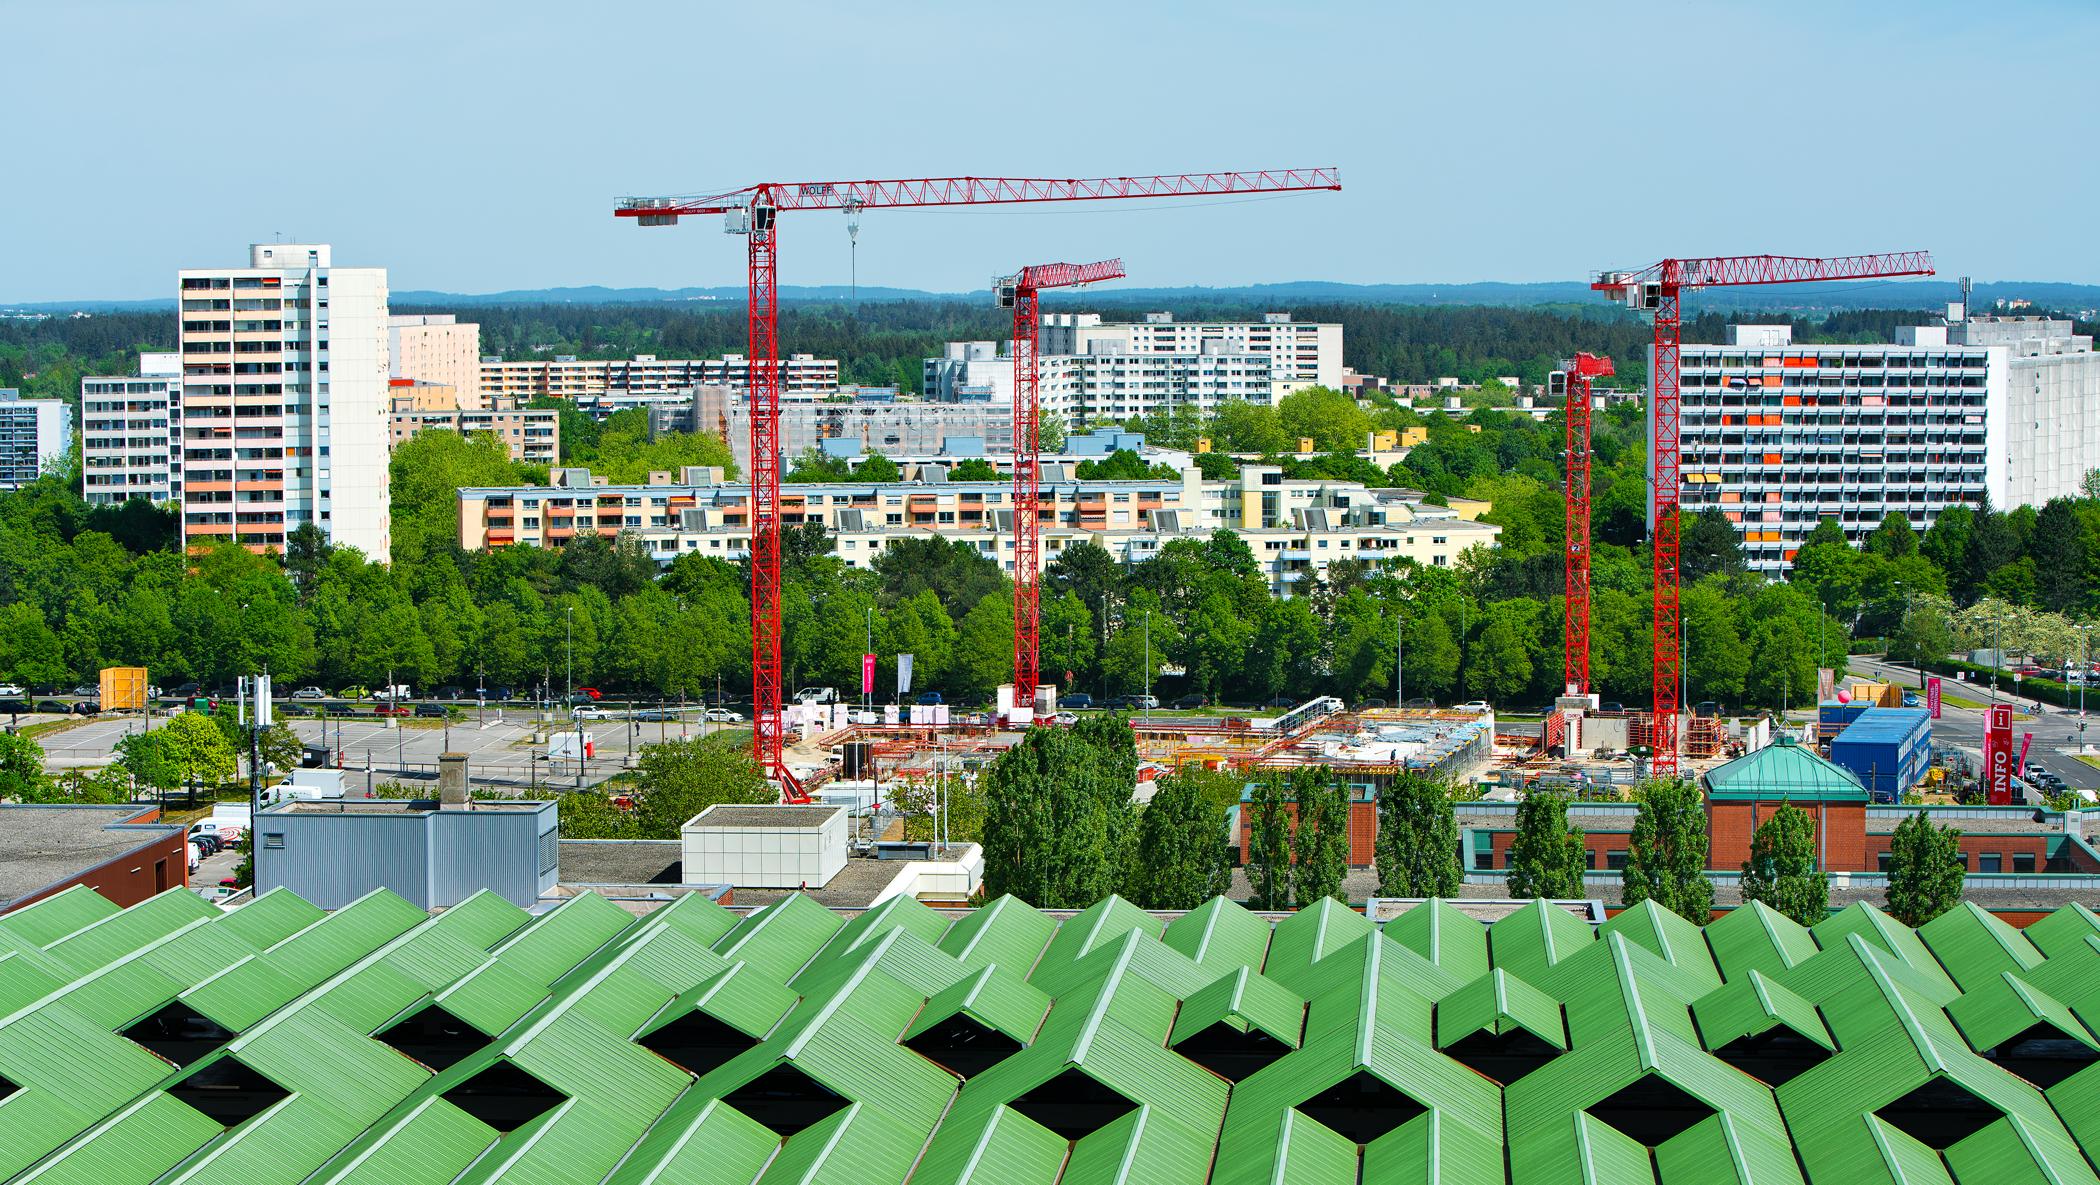 #Neuperlach, #Kieswerk Piederstorfer, #Piederstorfer, #Kieswerk, #Wohnungsbau, #Baustelle, #Karl-Marx-Ring